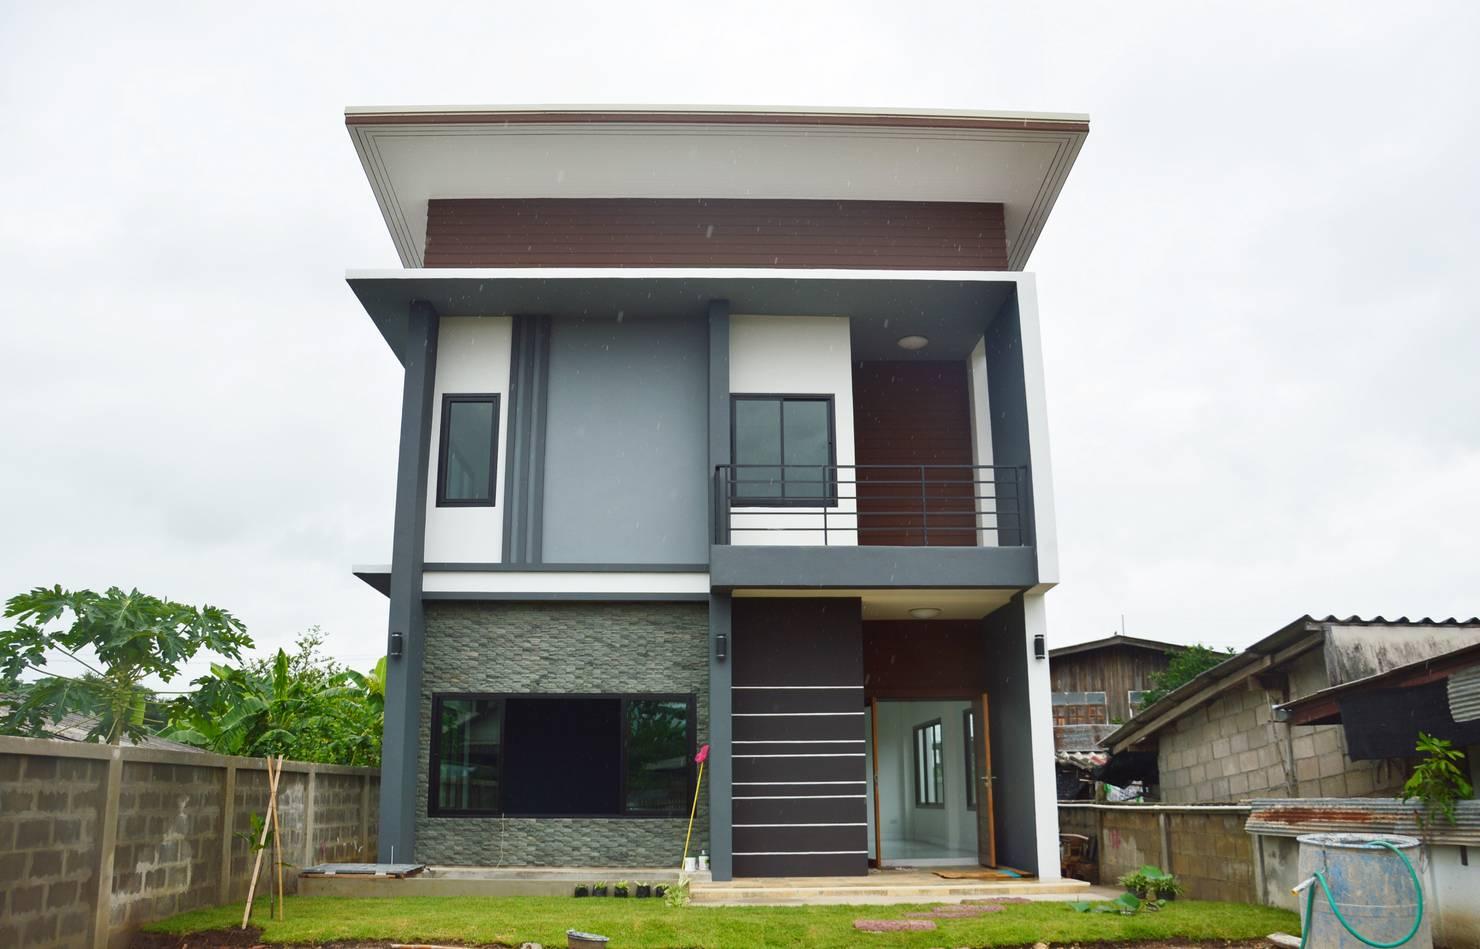 Con una cocina bonita y amplios interiores ¡esta casa te gustará!